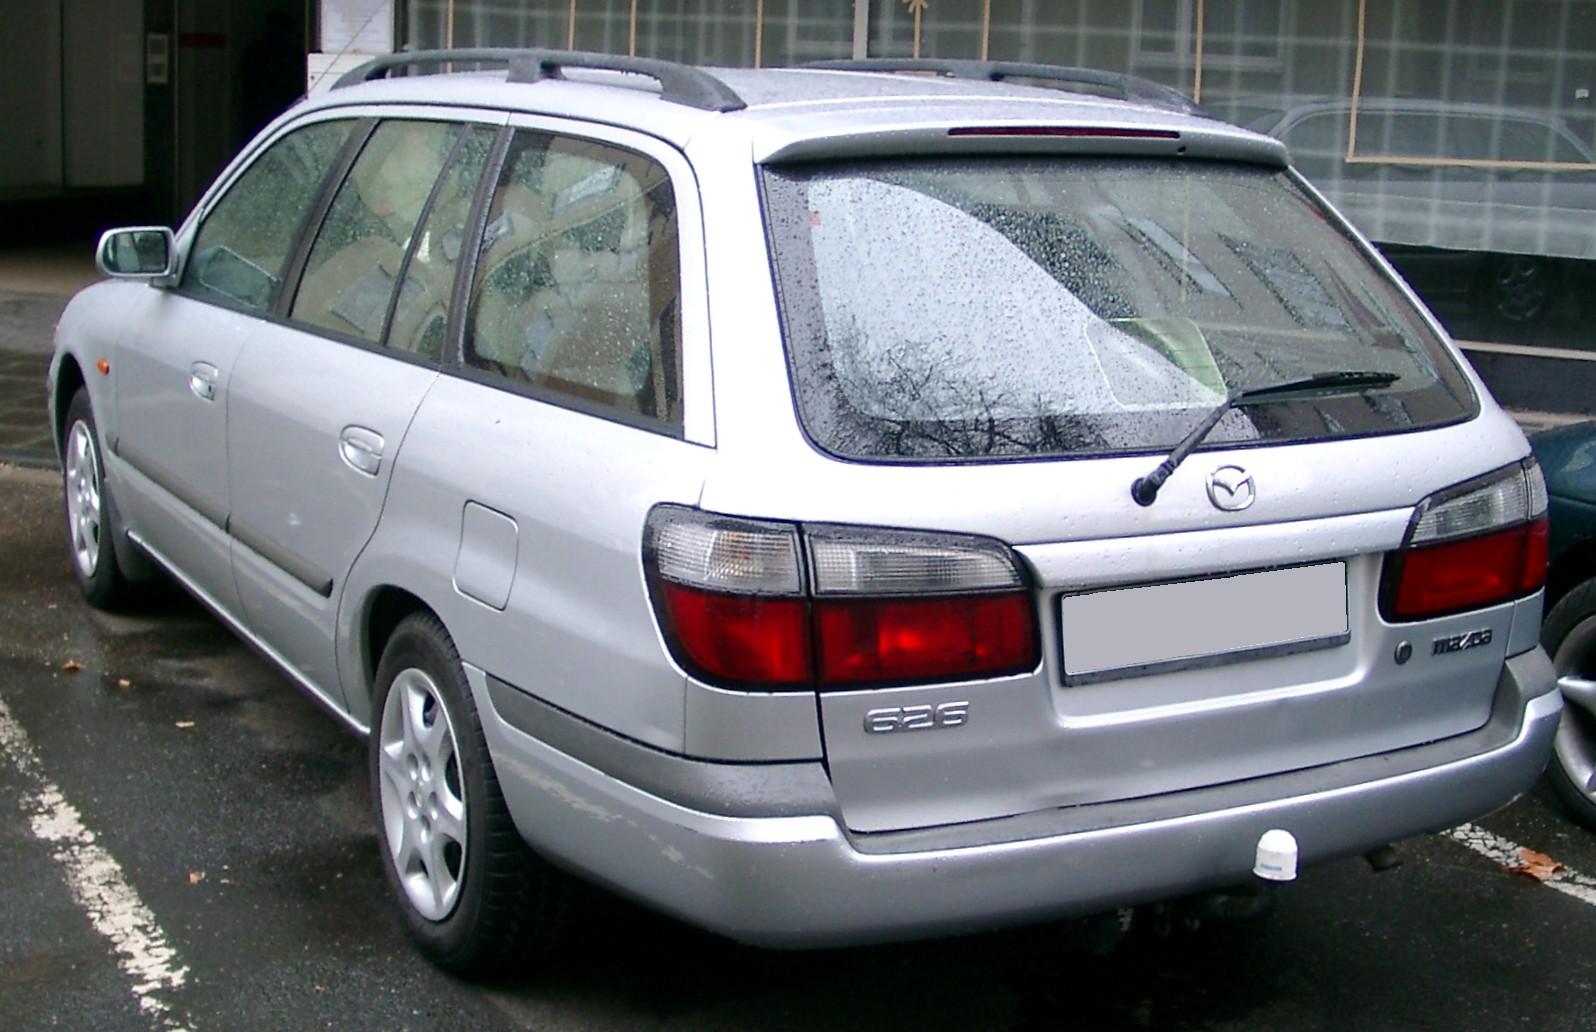 Mazda_626_Kombi_rear_20080220.jpg